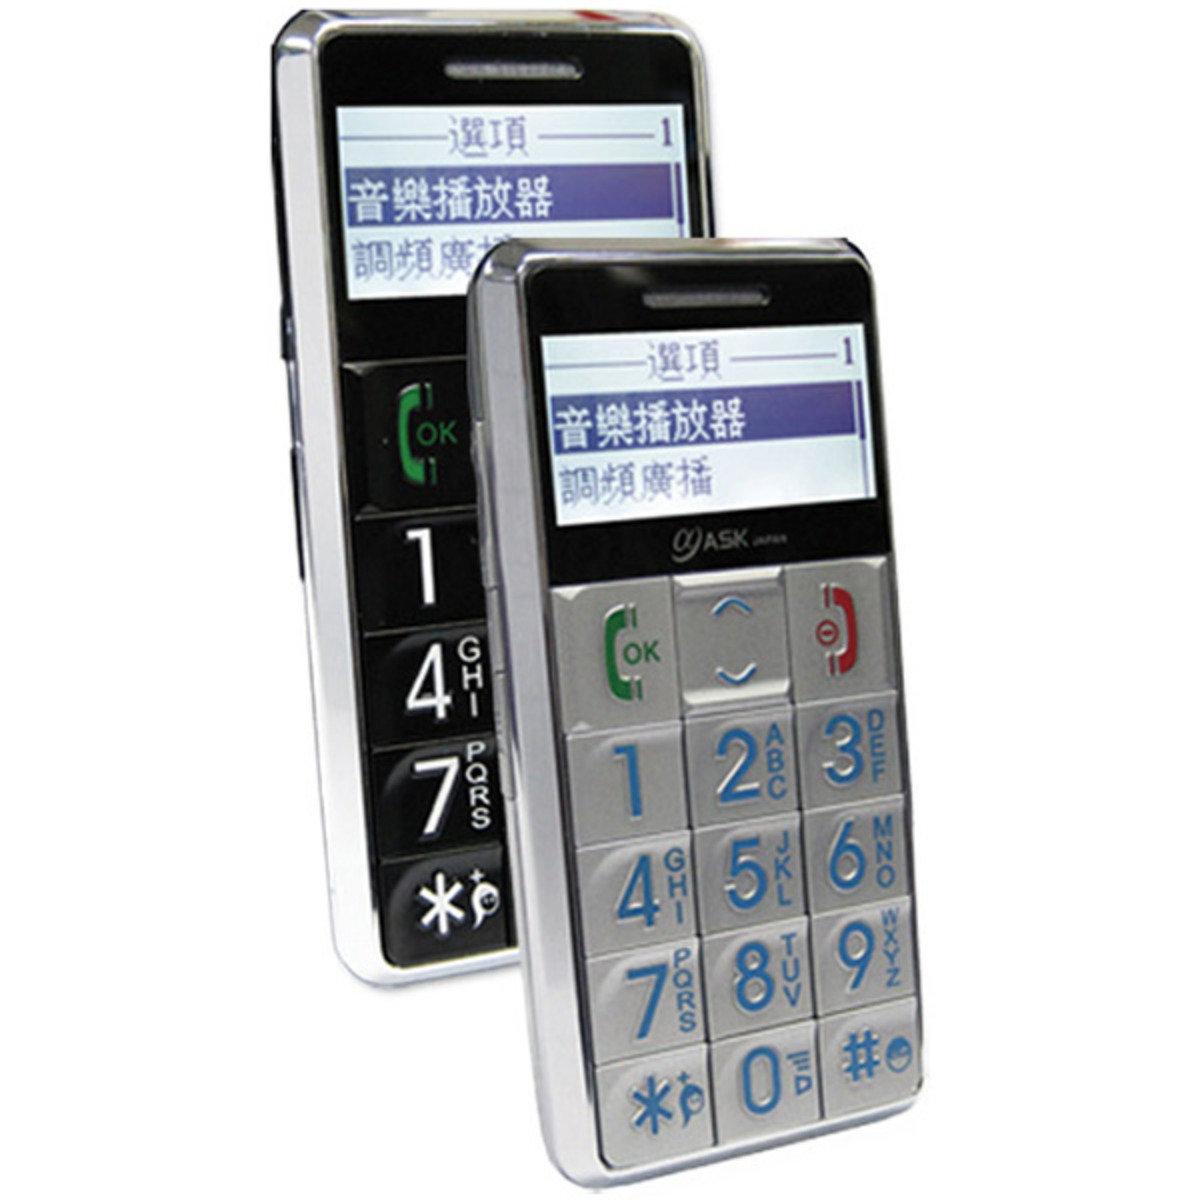 E999長者平安手機 ASW0012